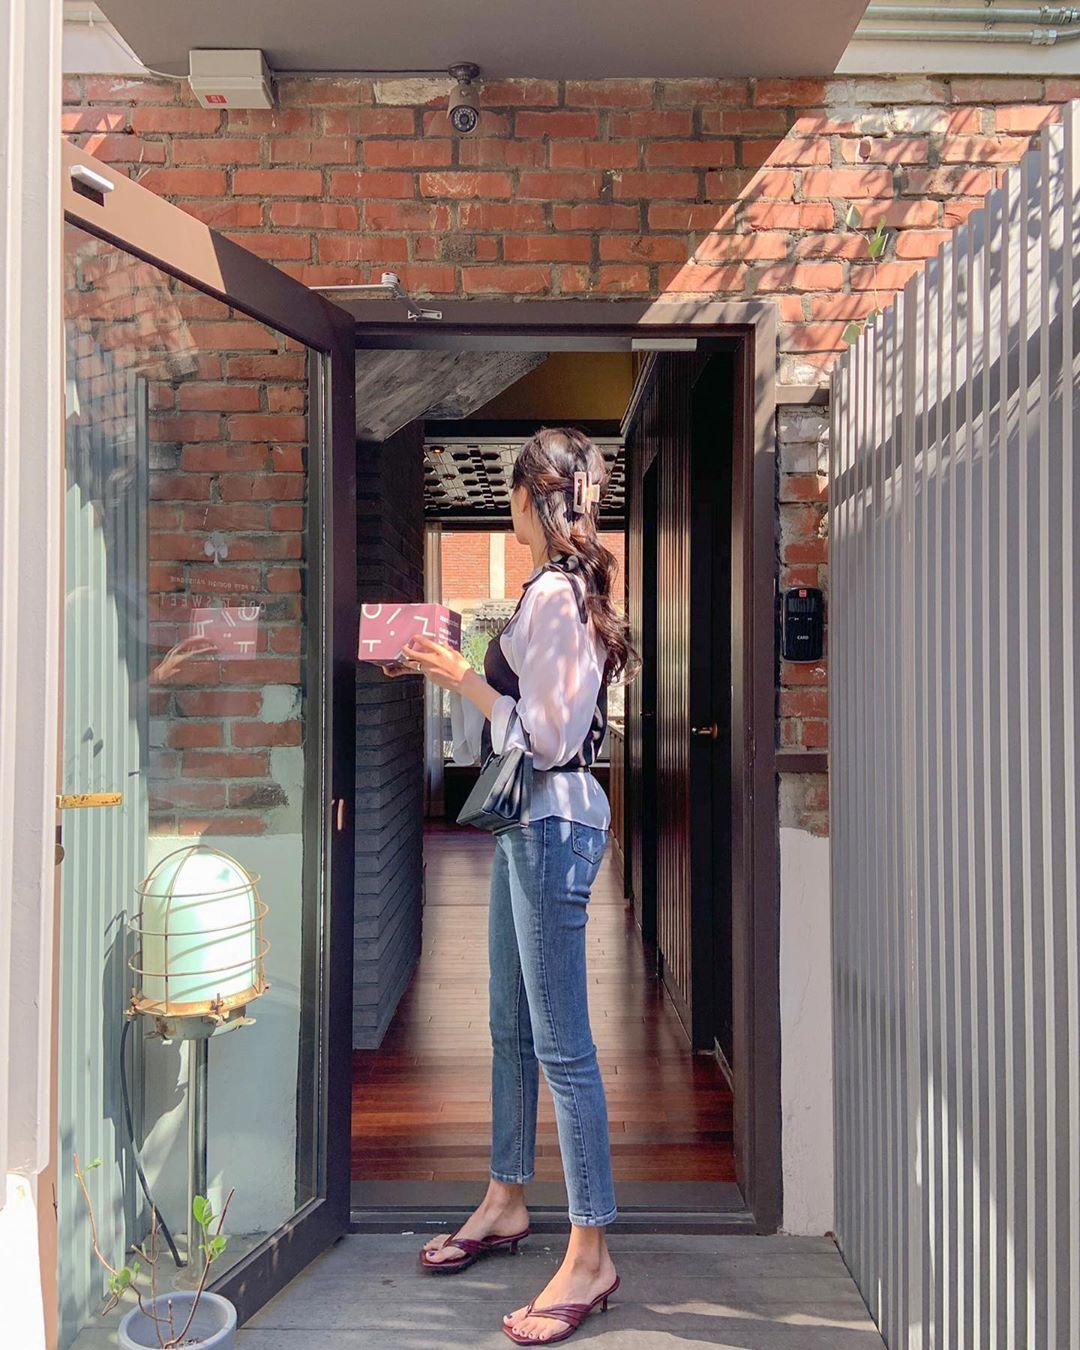 Quý cô chuyên diện quần skinny jeans gợi ý 3 kiểu giày dép kết hợp siêu ăn ý, lại còn kéo chân dài vô địch - Ảnh 2.